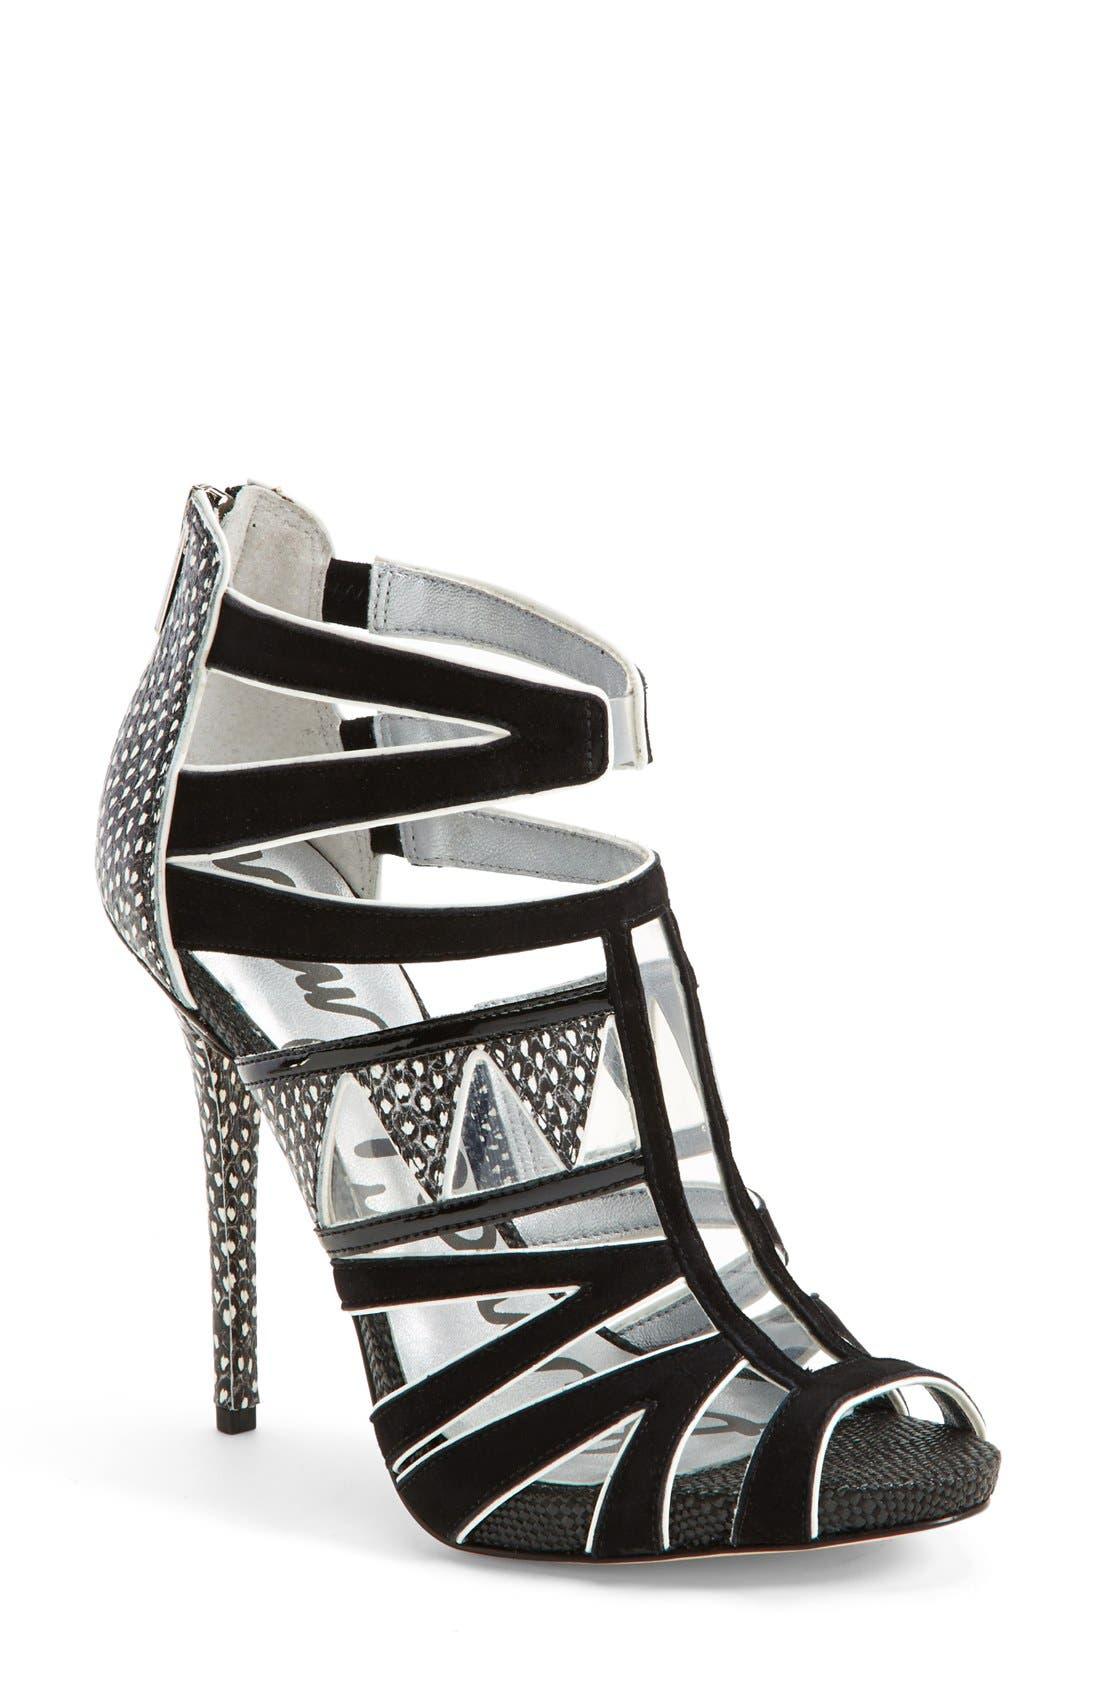 Alternate Image 1 Selected - Sam Edelman 'Jazz' Snake Embossed Sandal (Women)